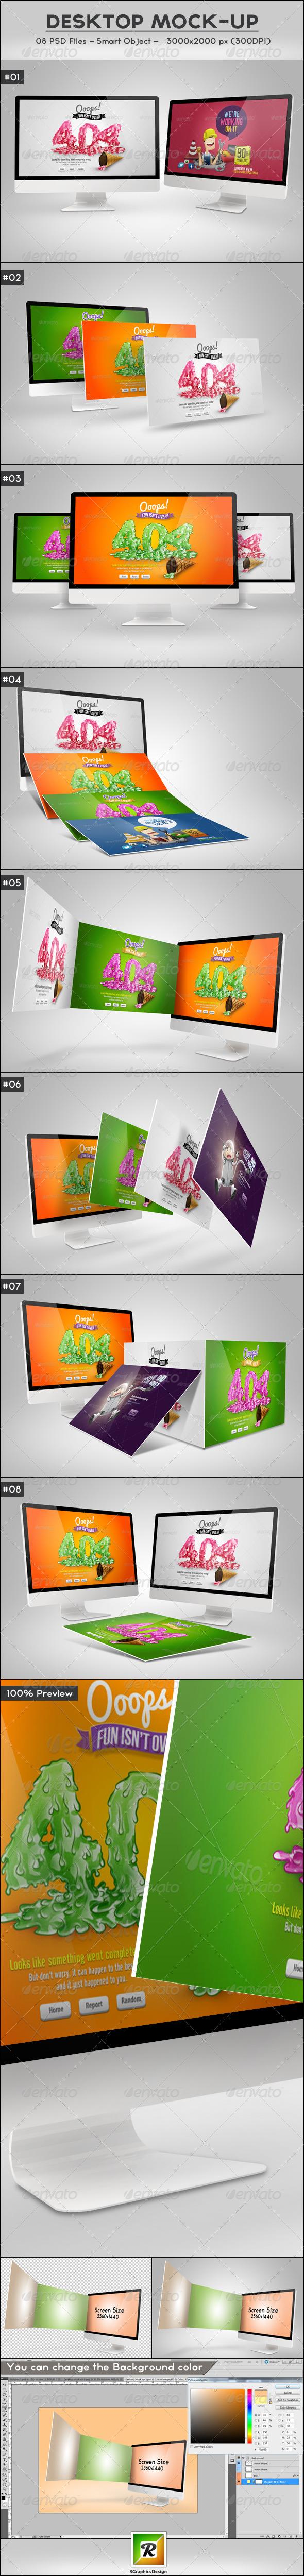 Desktop Mock-Up - Displays Product Mock-Ups